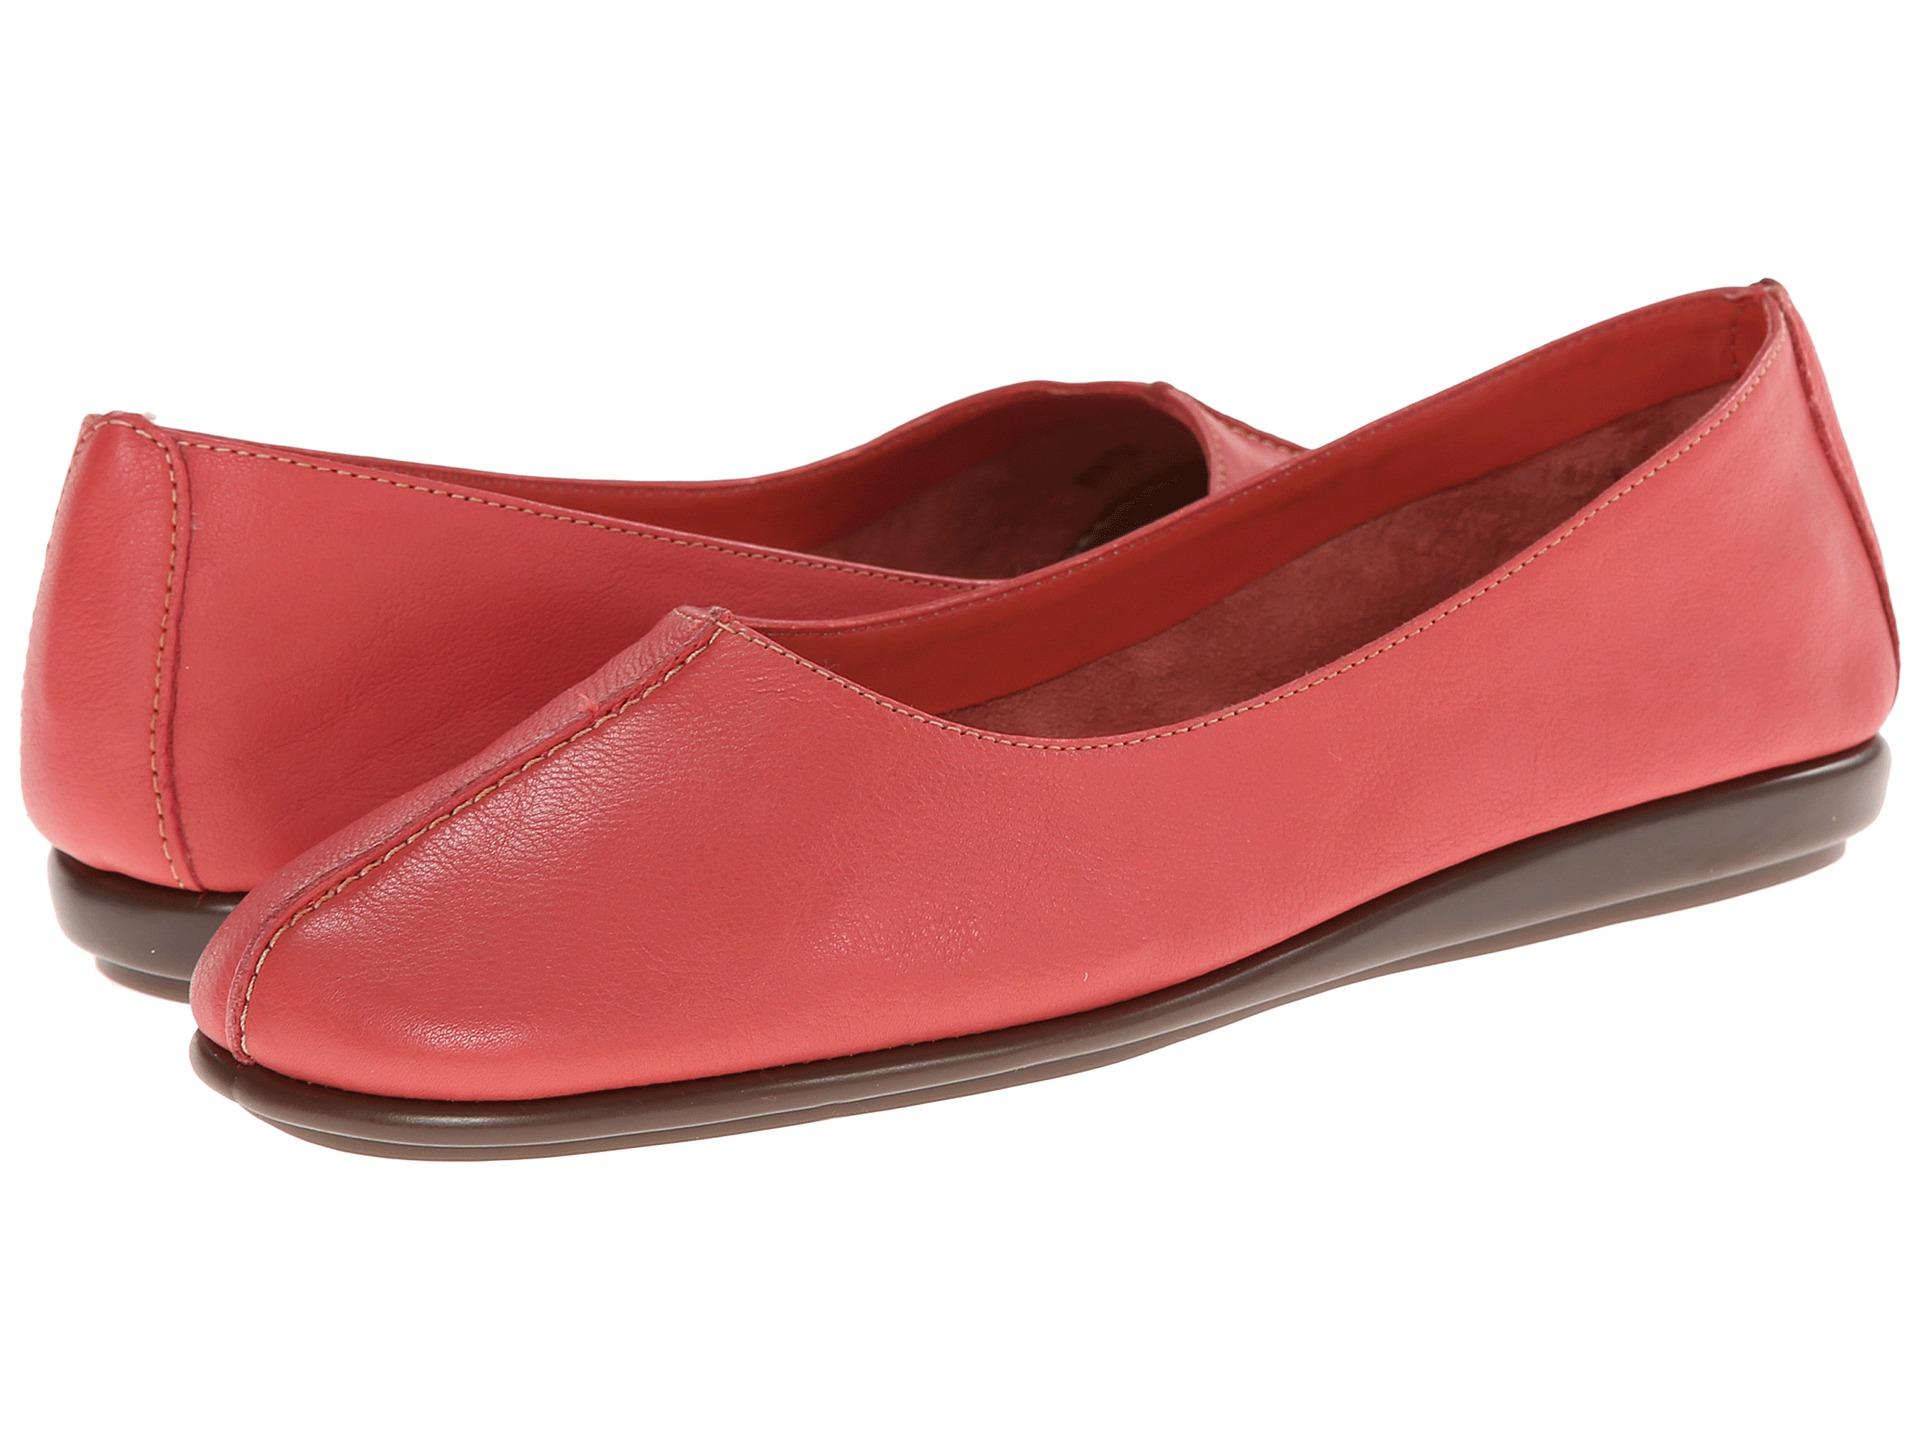 Aerosole Womens Flat Dress Shoes